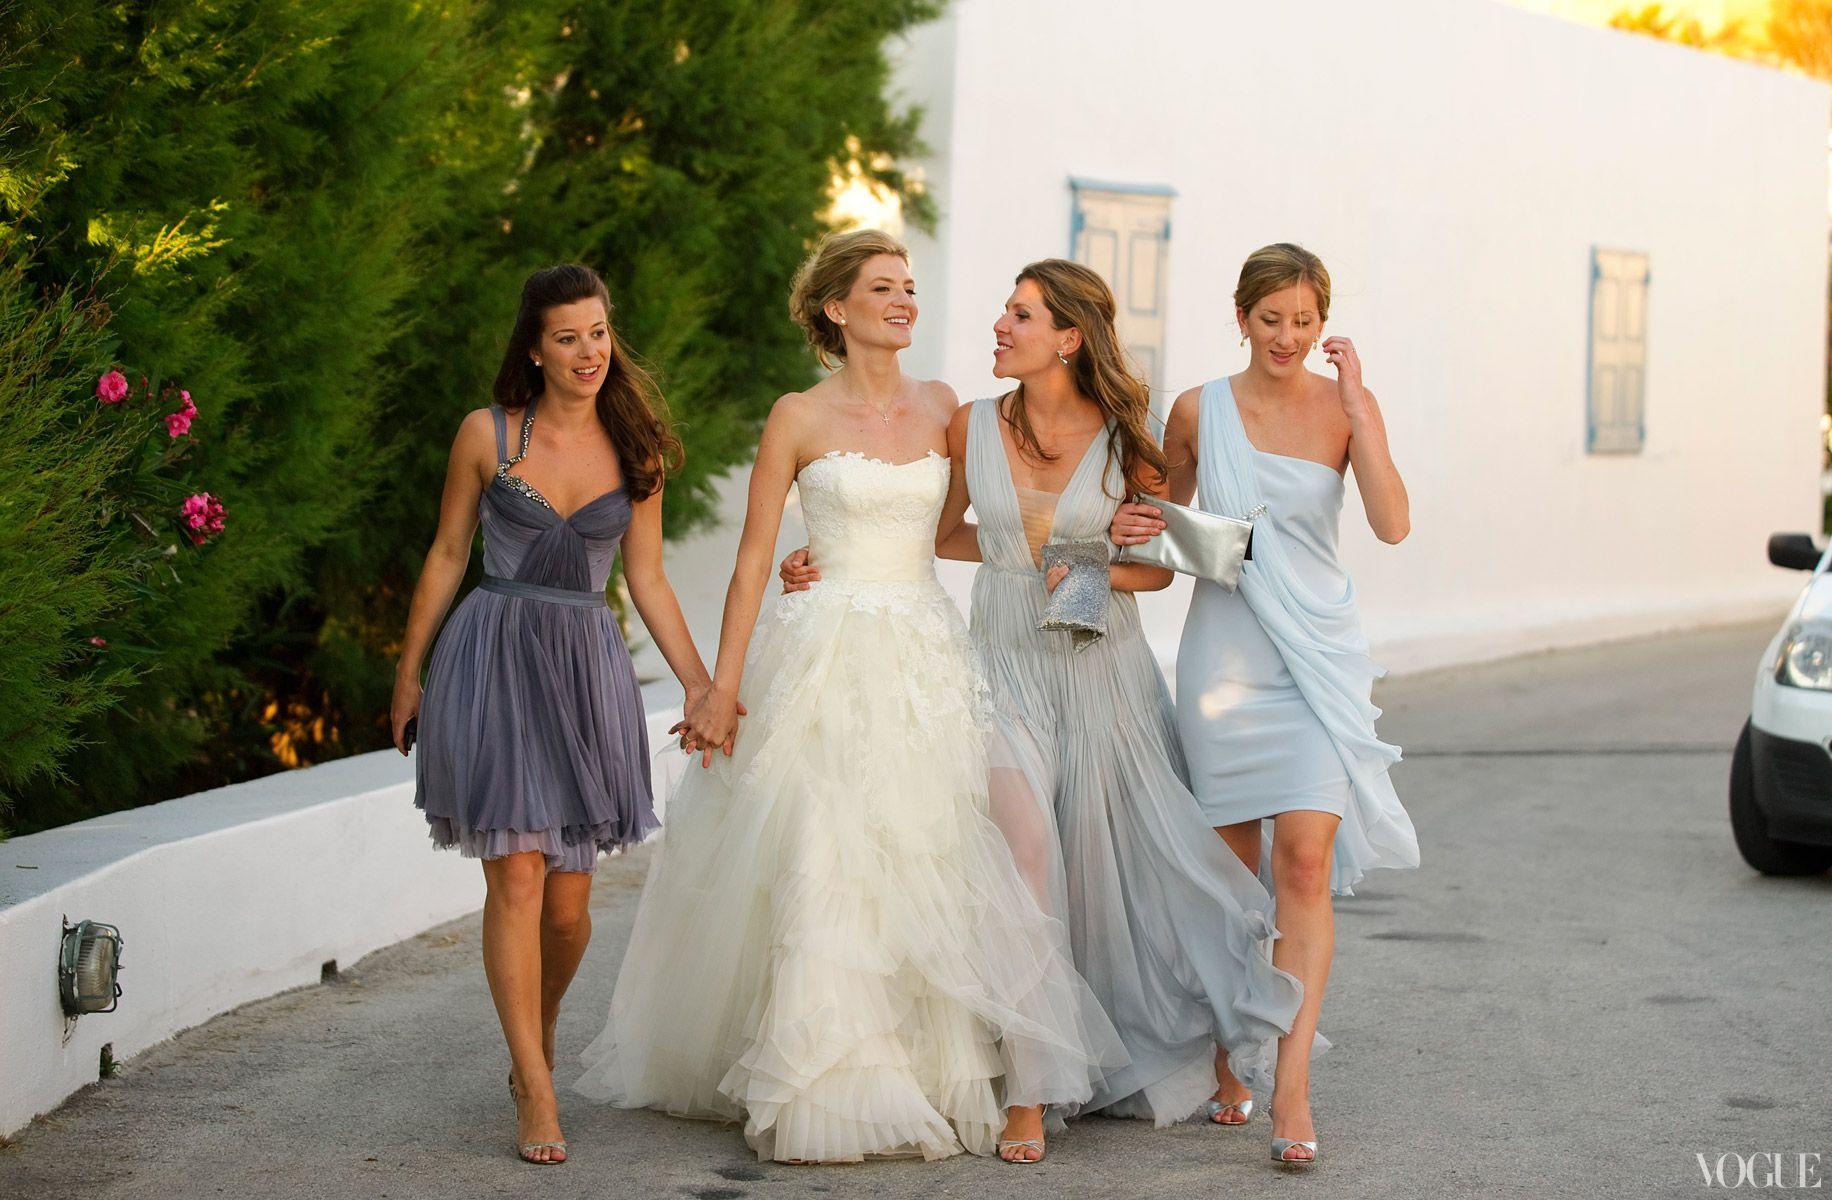 Phoebe Papadopoulos Wedding Photos Vogue